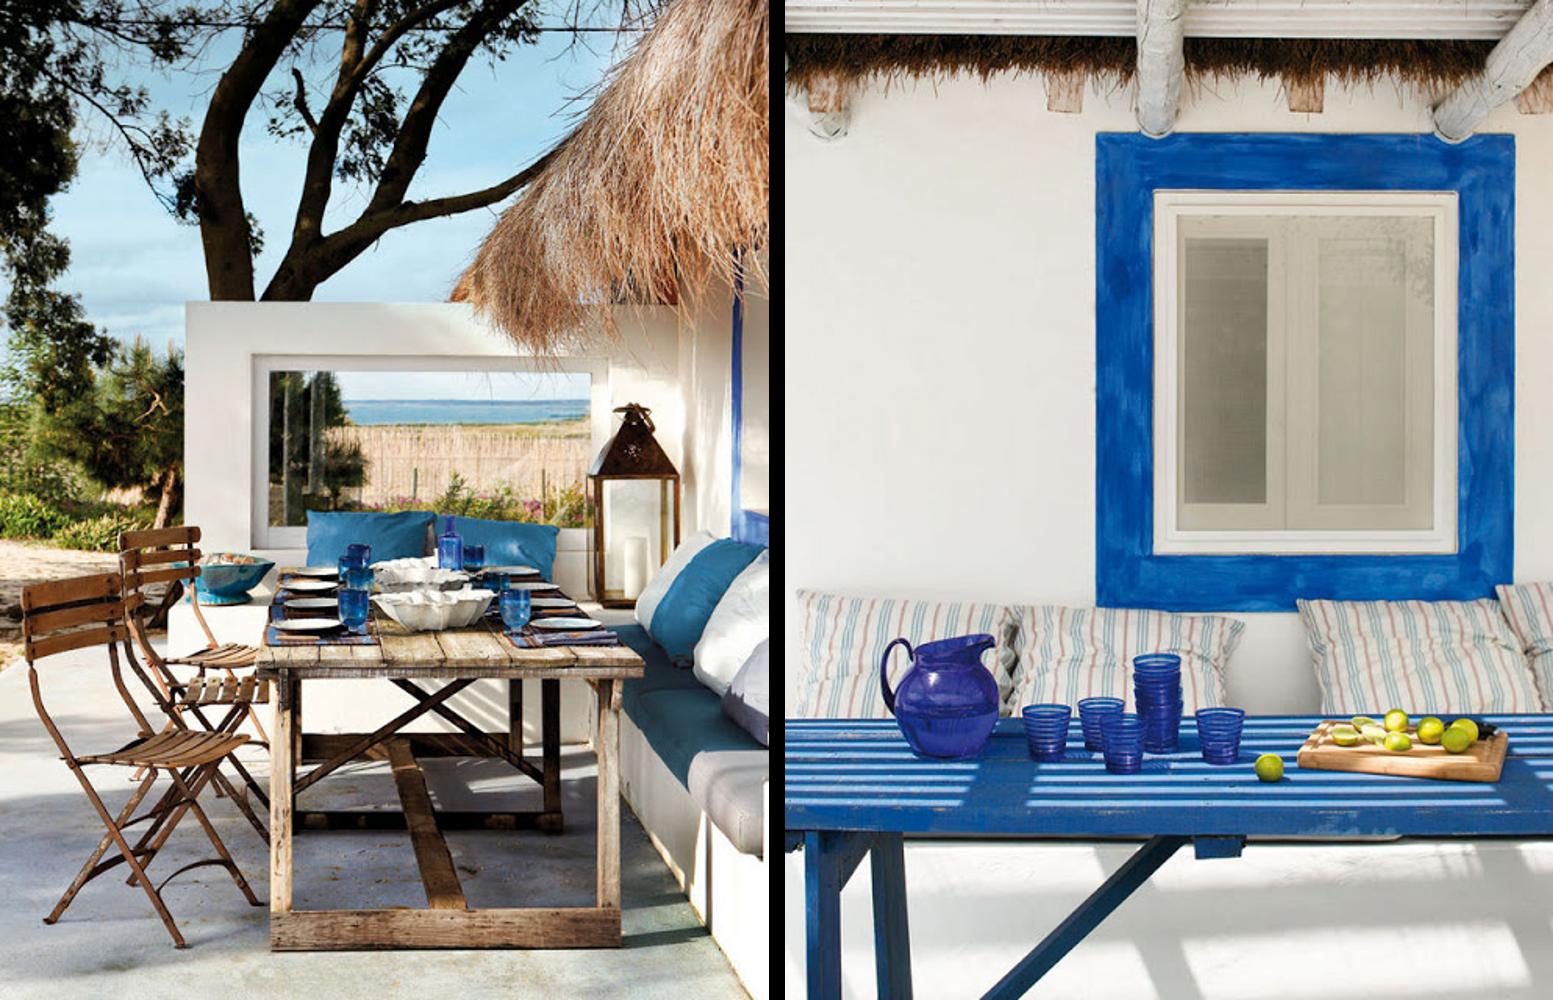 Image gallery estilo mediterraneo - Decoracion terrazas ...